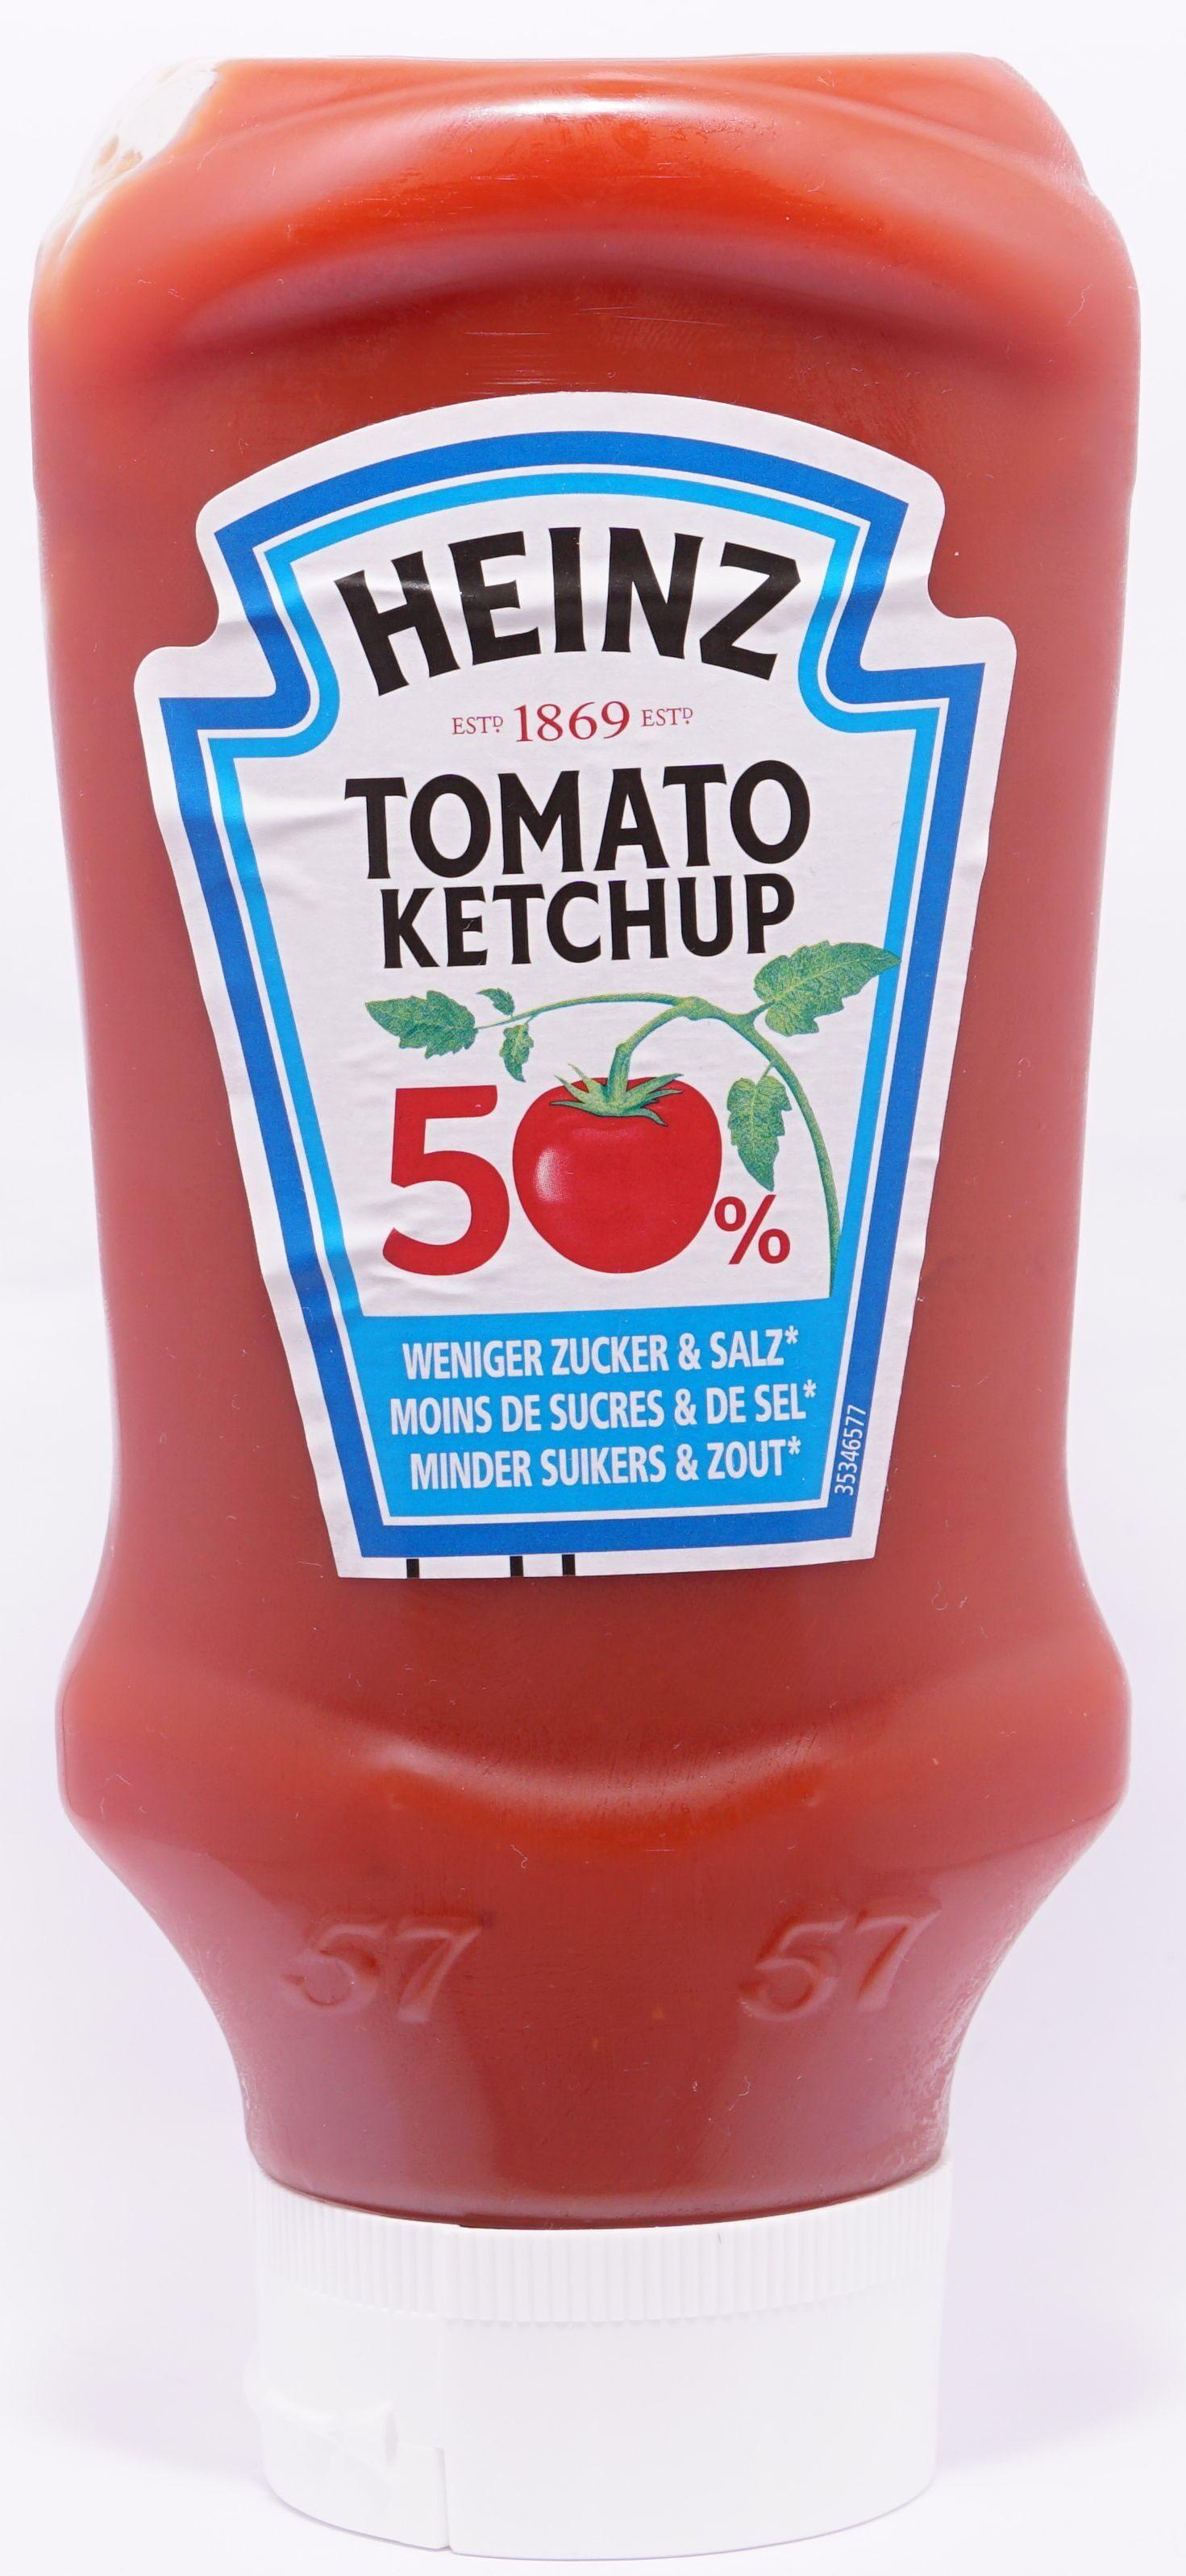 Tomato Ketchup 50% moins de sucres & de sel - Produkt - de